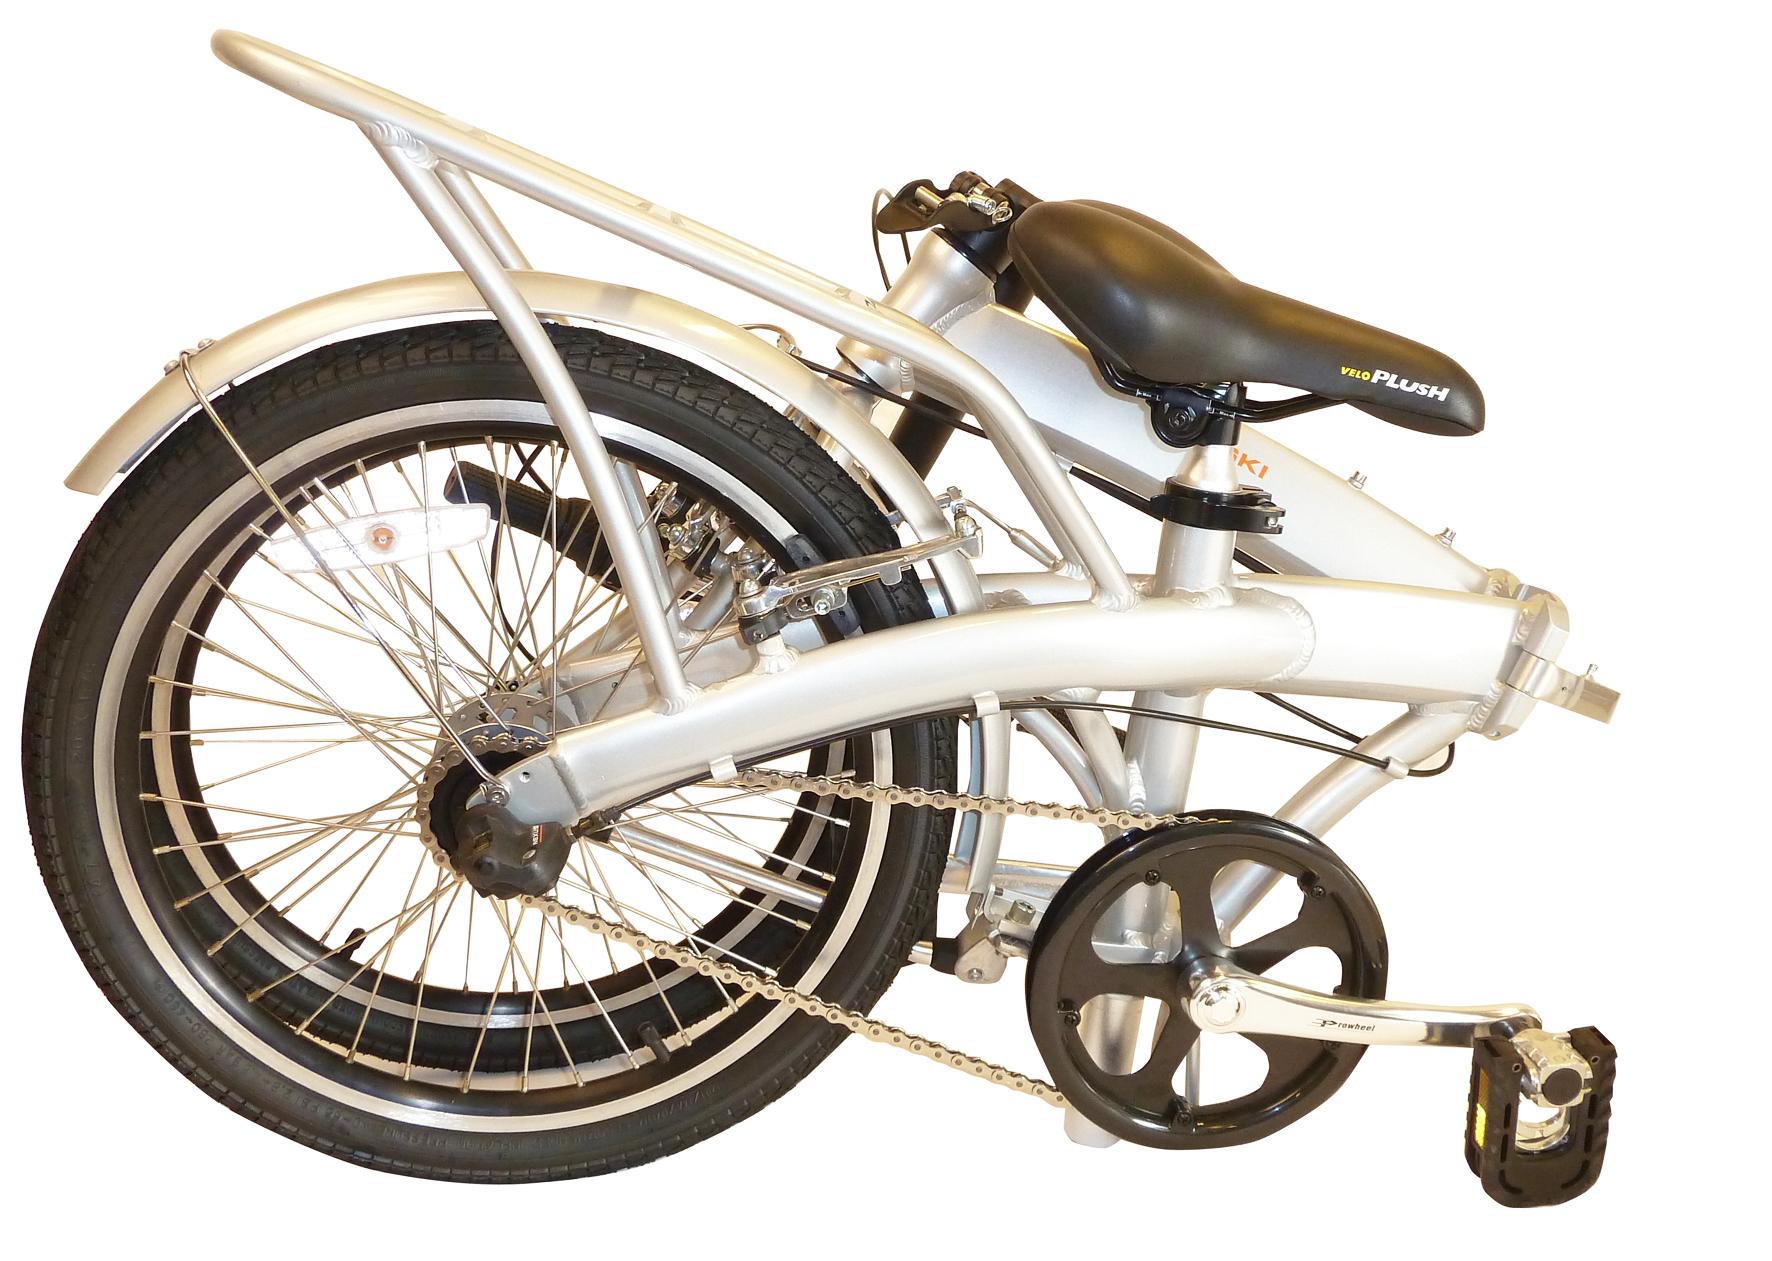 Cykel i aluminium med 3 gear og 20'' tommer hjul - Cykler